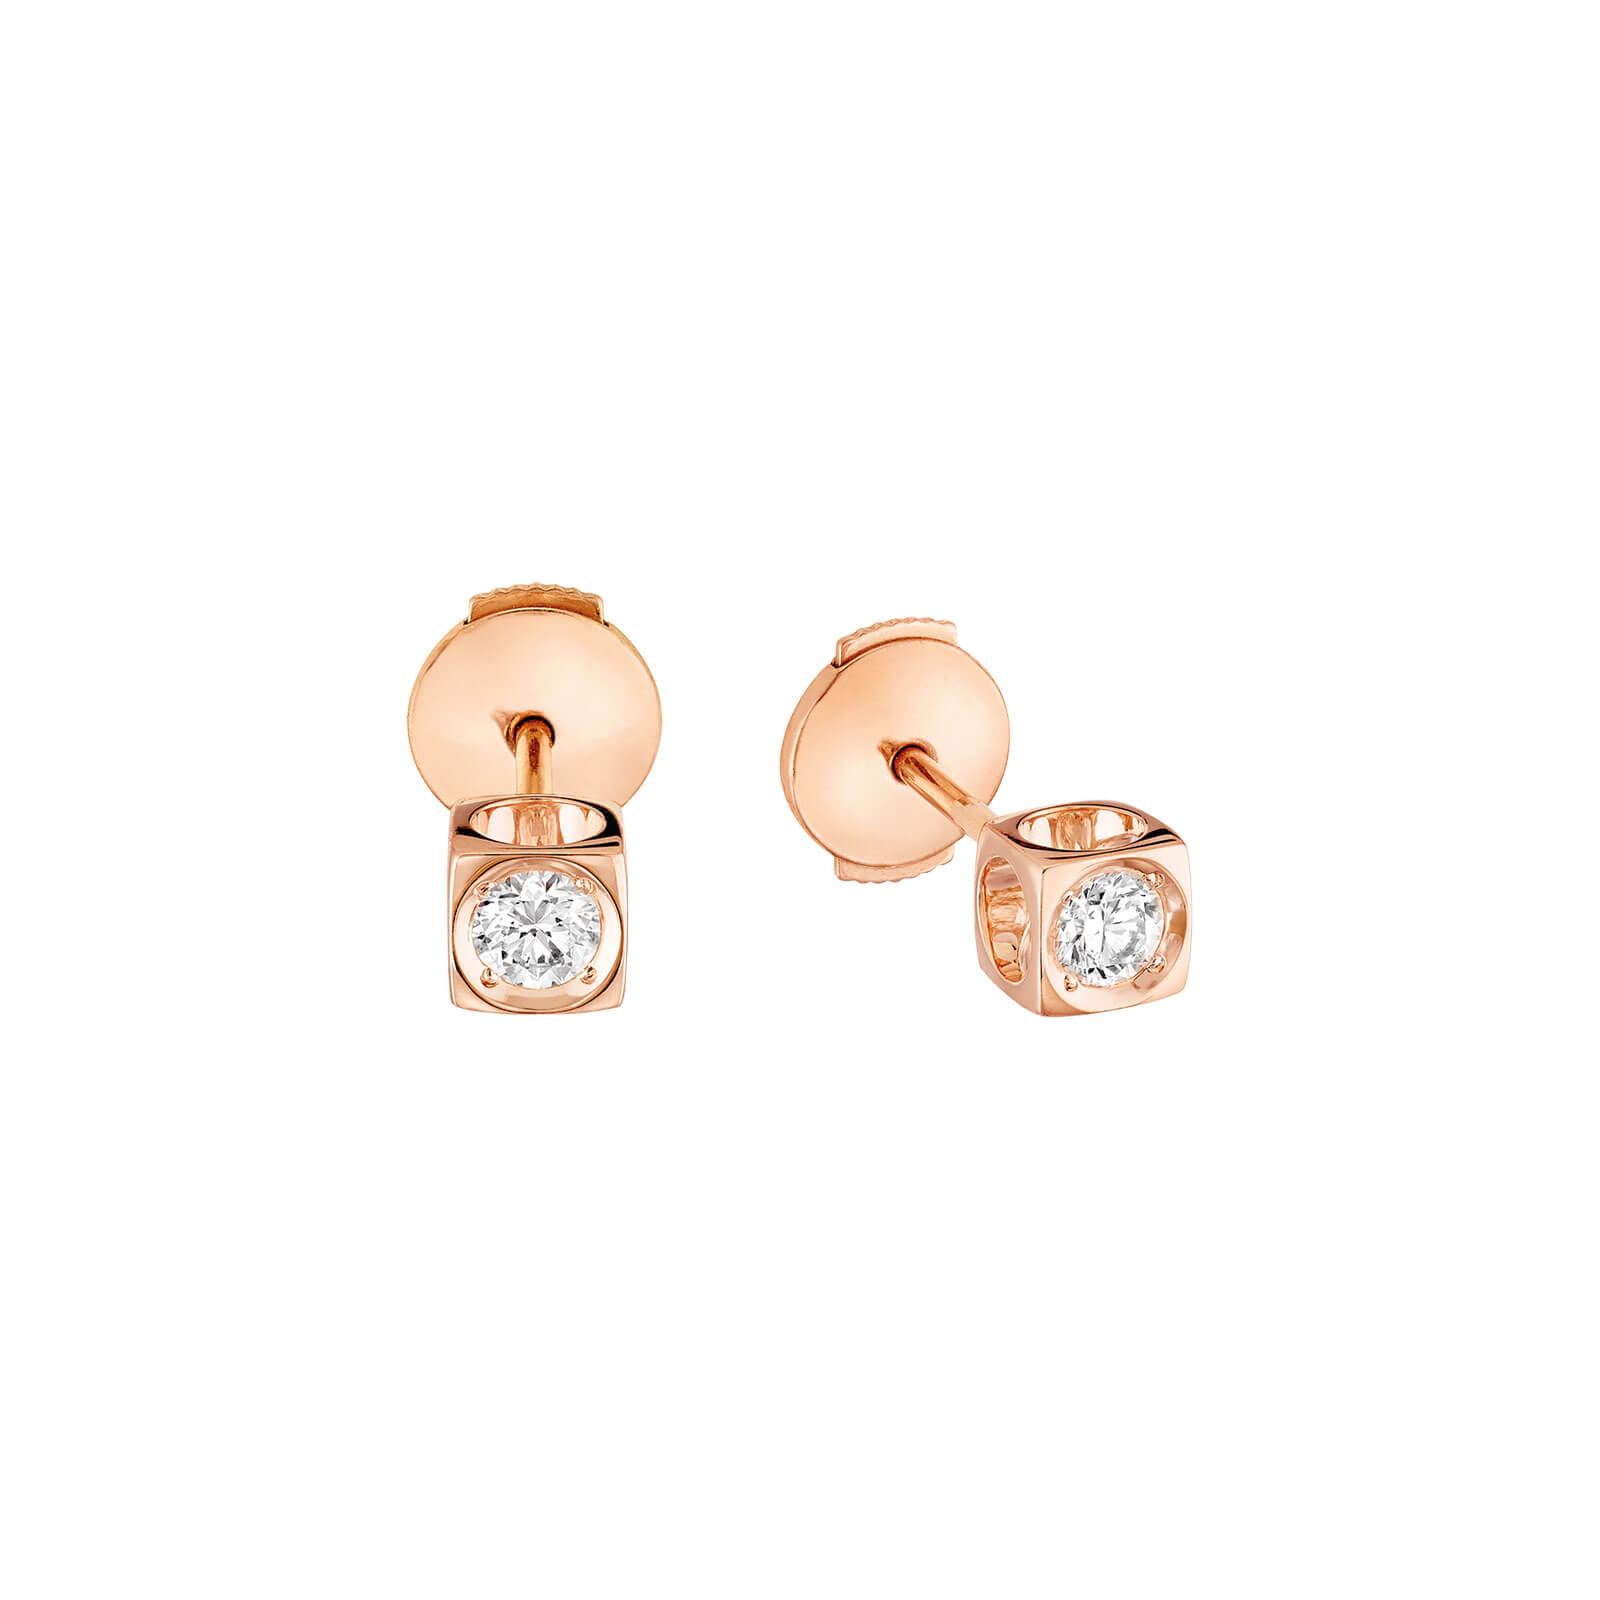 dinh van boucles d 39 oreilles le cube diamant moyen mod le or rose et diamants lionel meylan. Black Bedroom Furniture Sets. Home Design Ideas